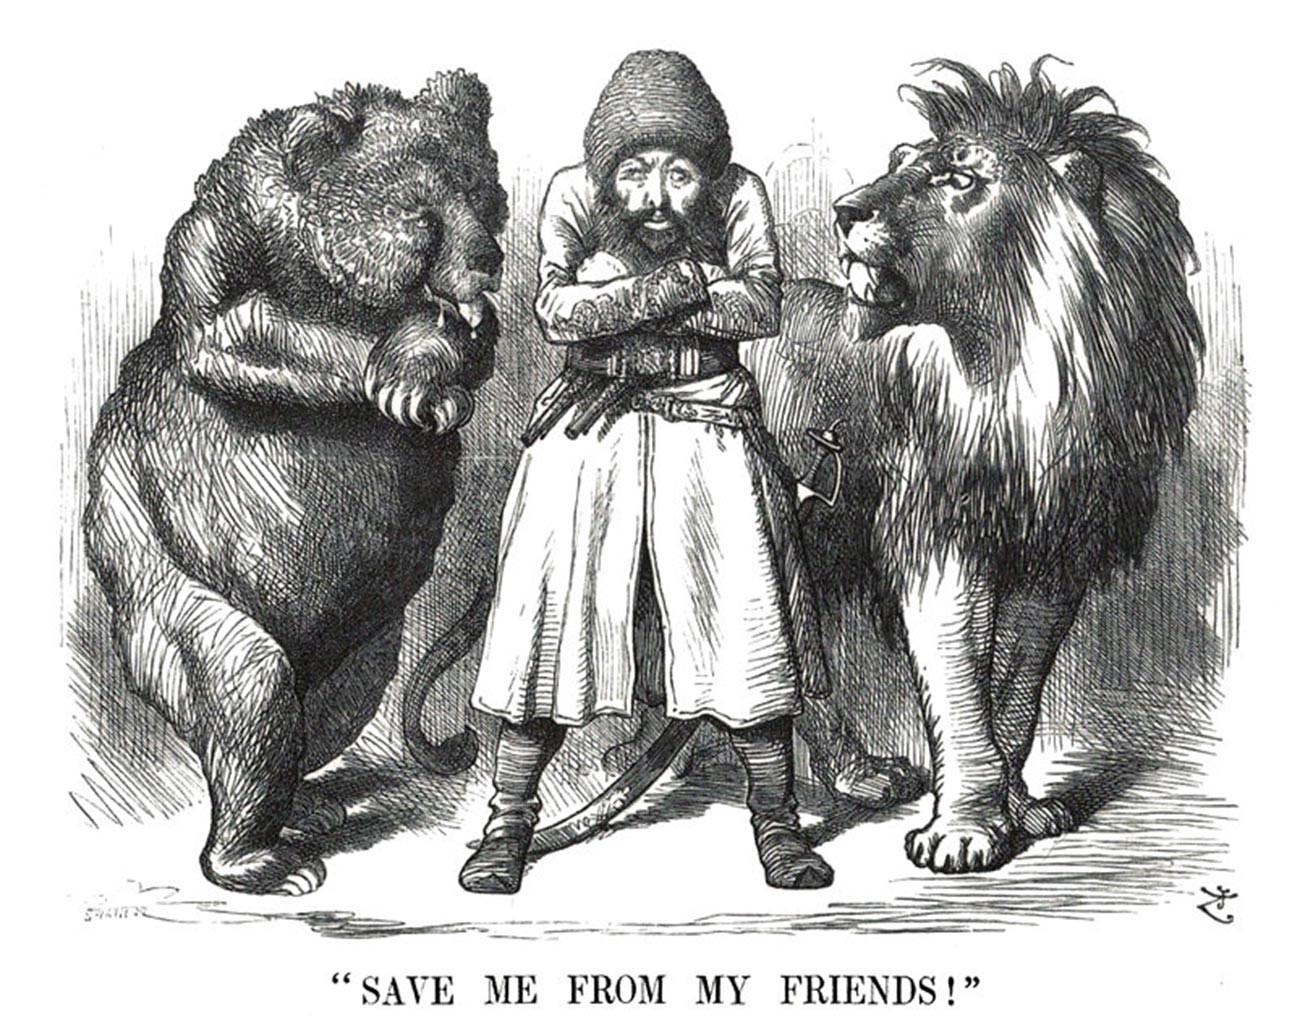 «Спасите меня от моих друзей». Карикатура времен Большой игры. Афганский эмир Шер Али между Россией (медведь) и Англией (лев).